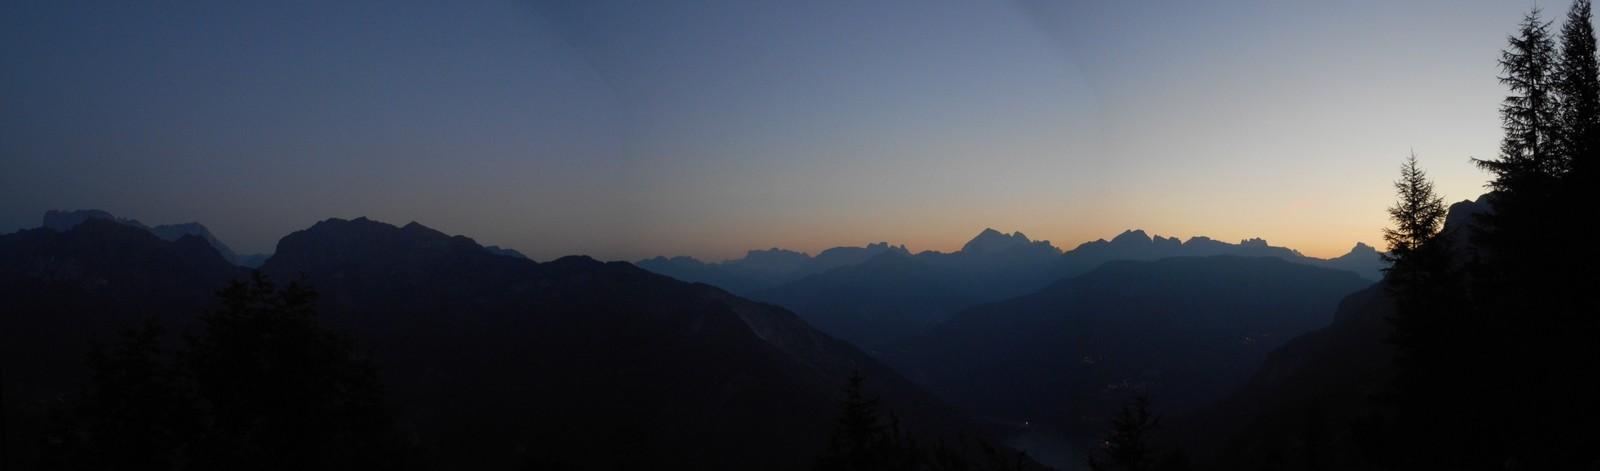 Lever de soleil depuis le bivouac Mandro (massif de la Civetta)